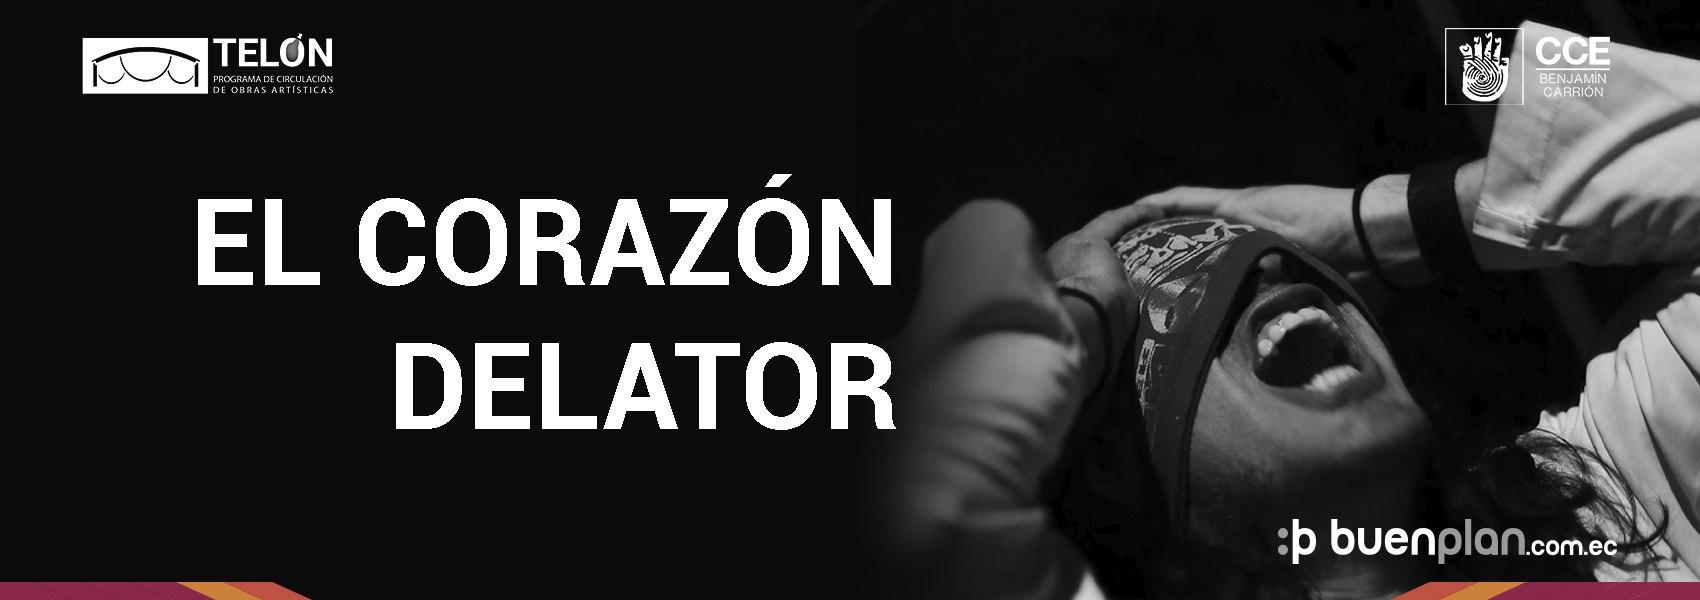 El Corazón Delator - 17 de Abril en Quito, BuenPlan